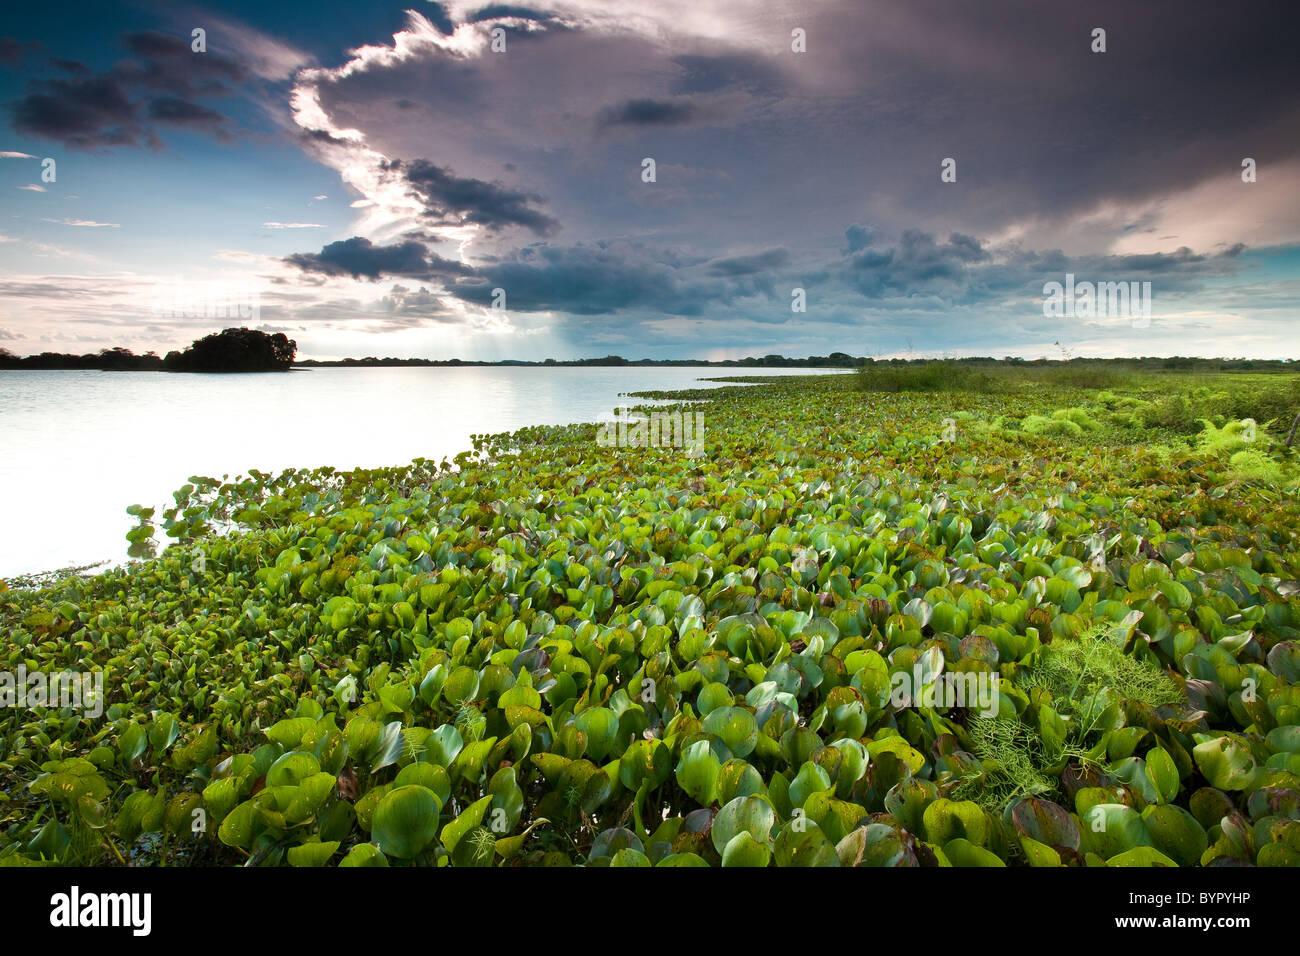 A Lago di Refugio de vida Silvestre Cienaga de las Macanas Riserva, in Herrera provincia, Repubblica di Panama. Foto Stock